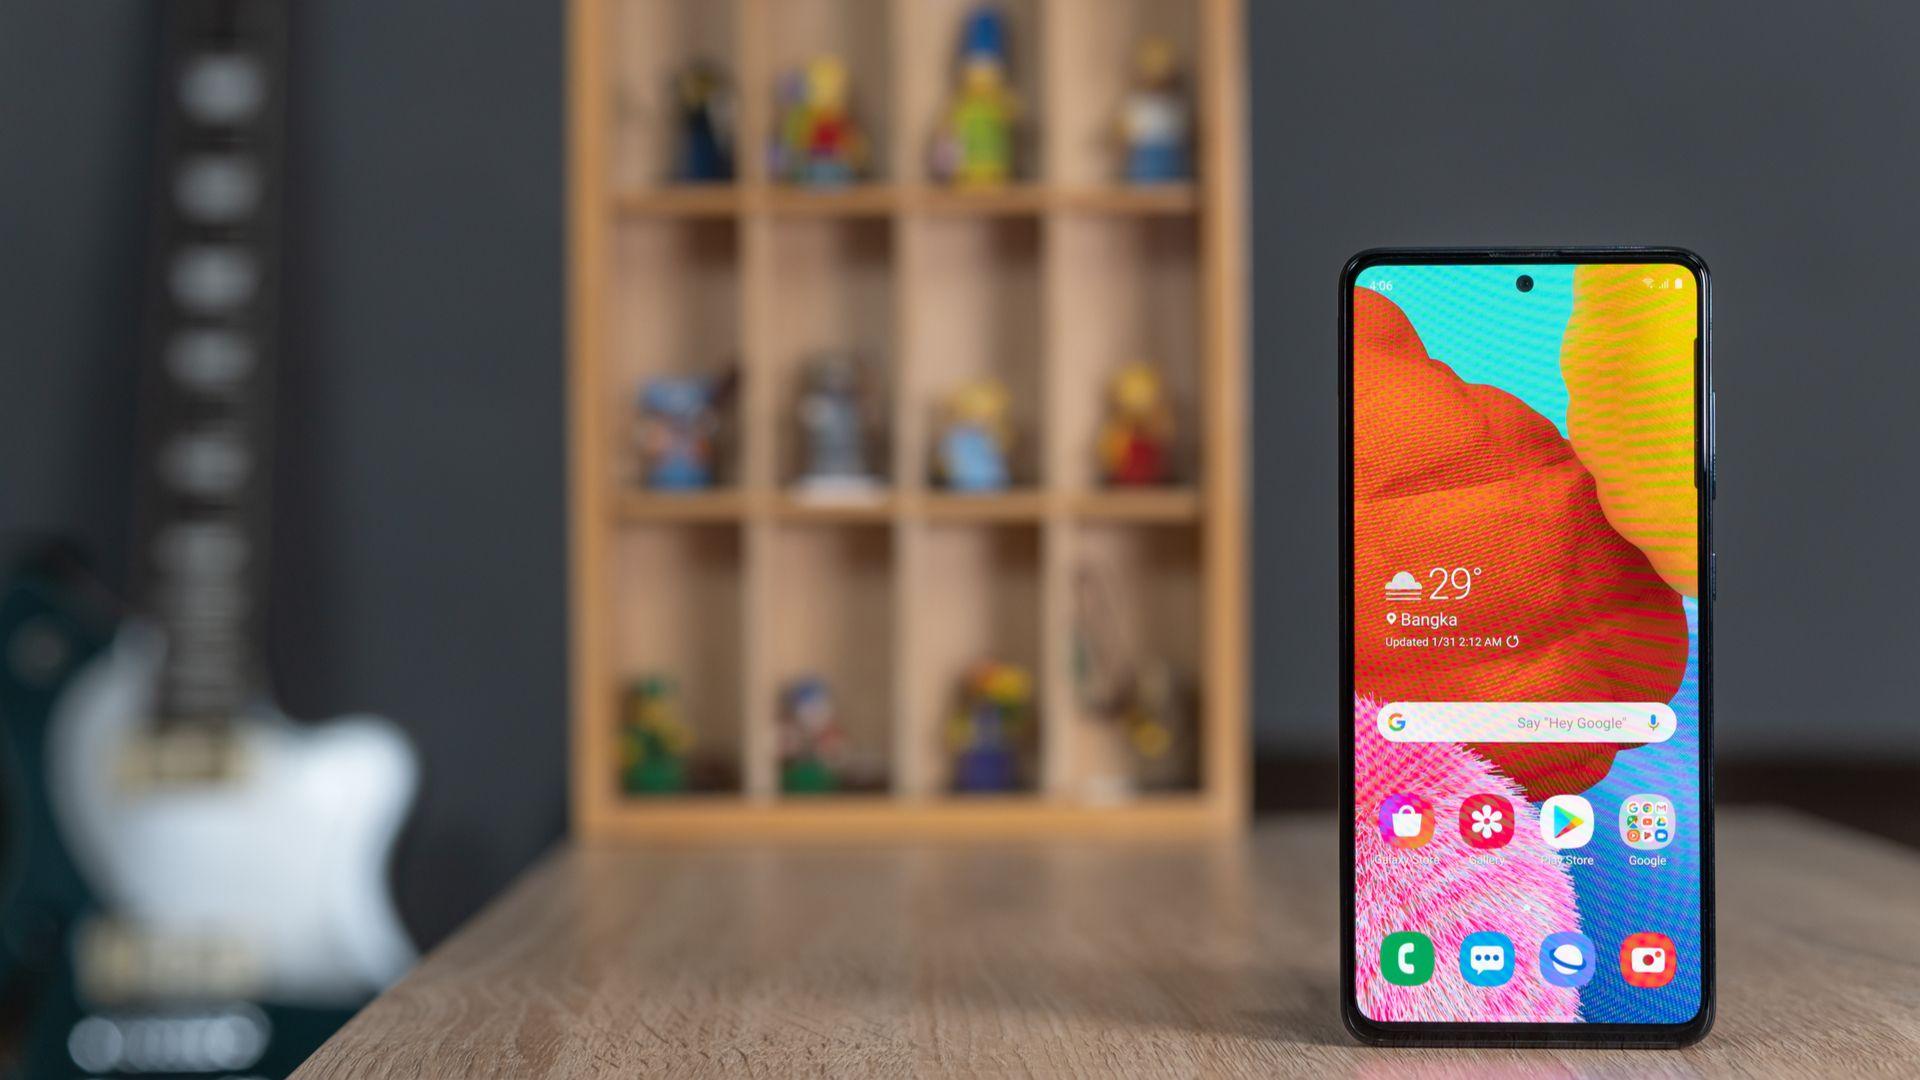 Galaxy A51 é um dos smartphones mais vendidos no Zoom em abril de 2020. (Imagem: Lukmanazis/Shutterstock)